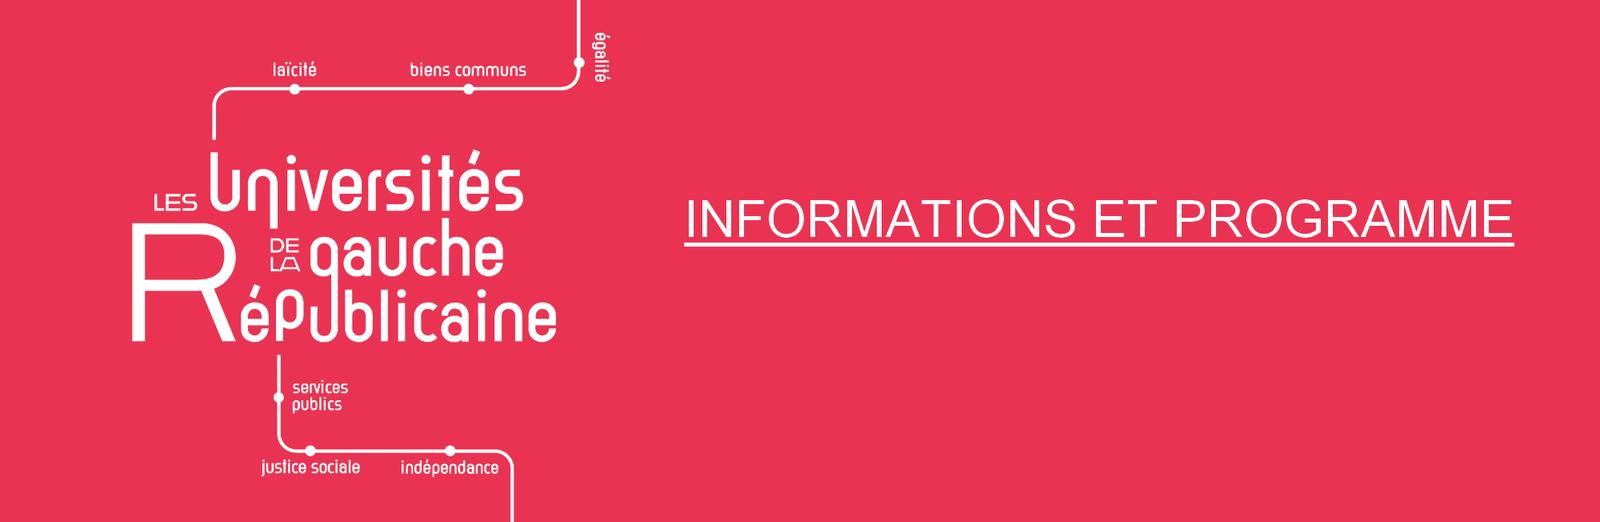 Les Universités de la Gauche Républicaine - samedi 21 et dimanche 22 novembre 2020 - inscrivez vous !